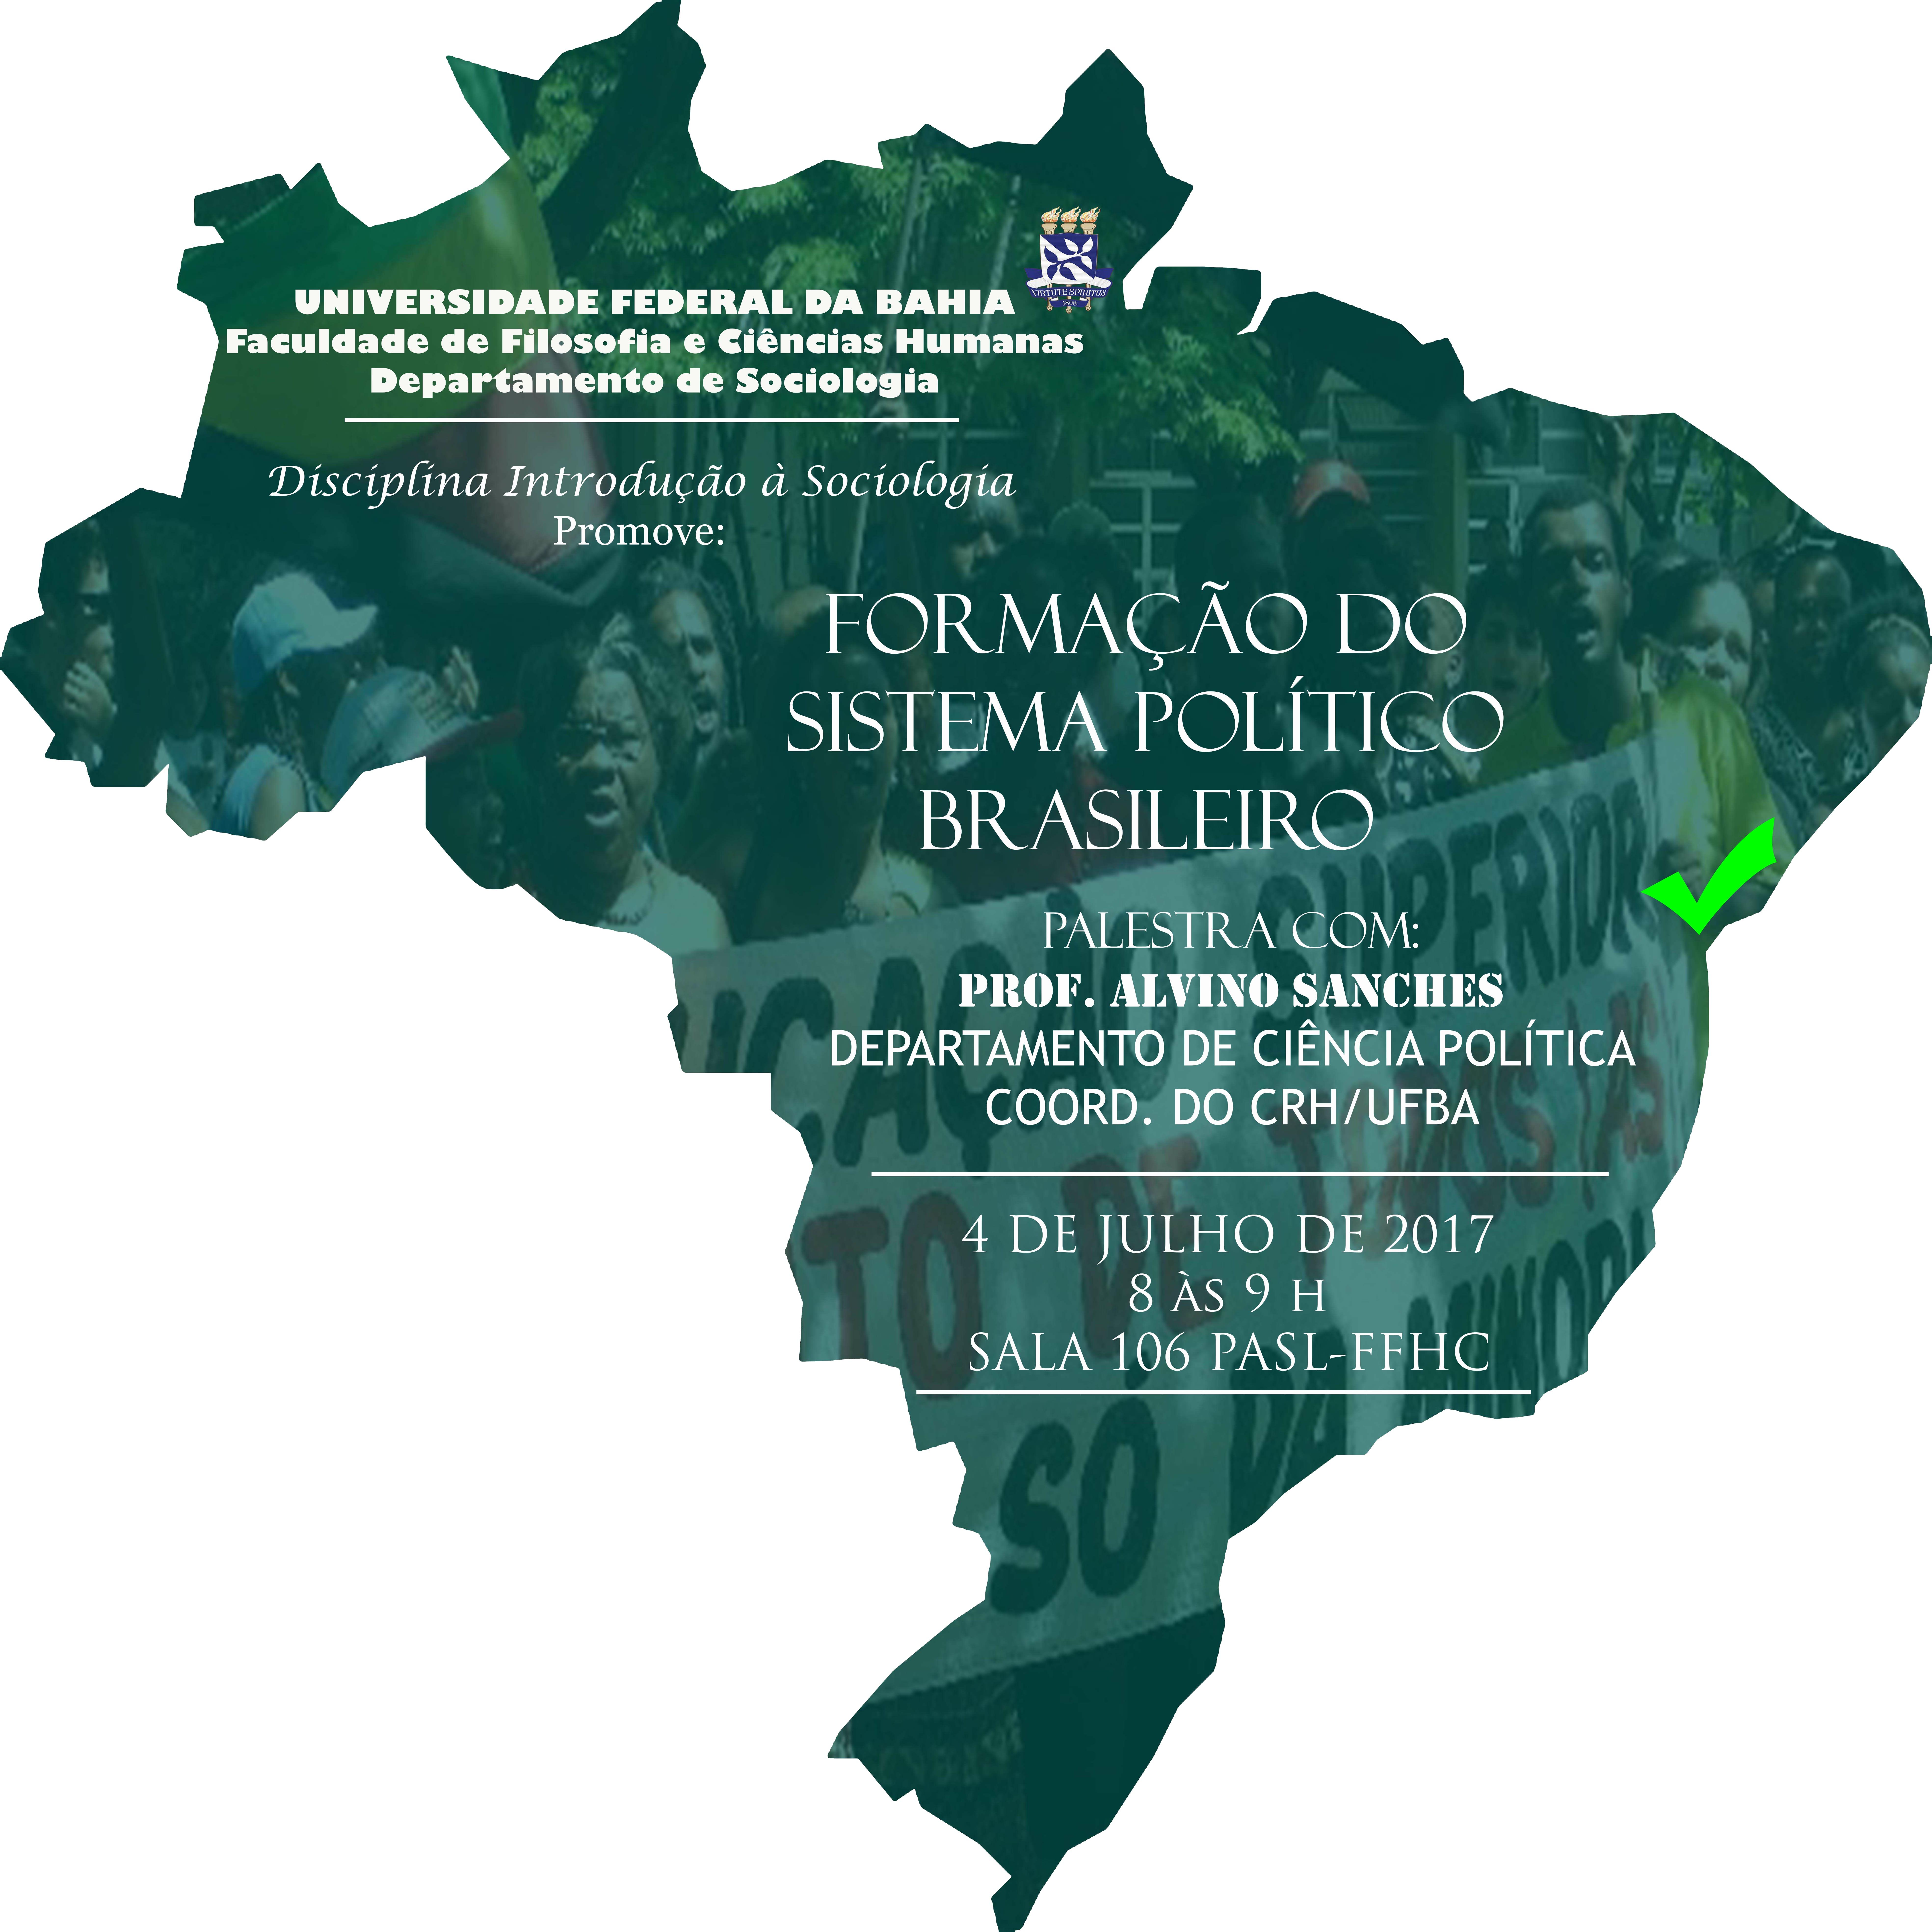 Acontece no PASL- São Lazaro a Palestra: Formação do Sistema Político Brasileiro